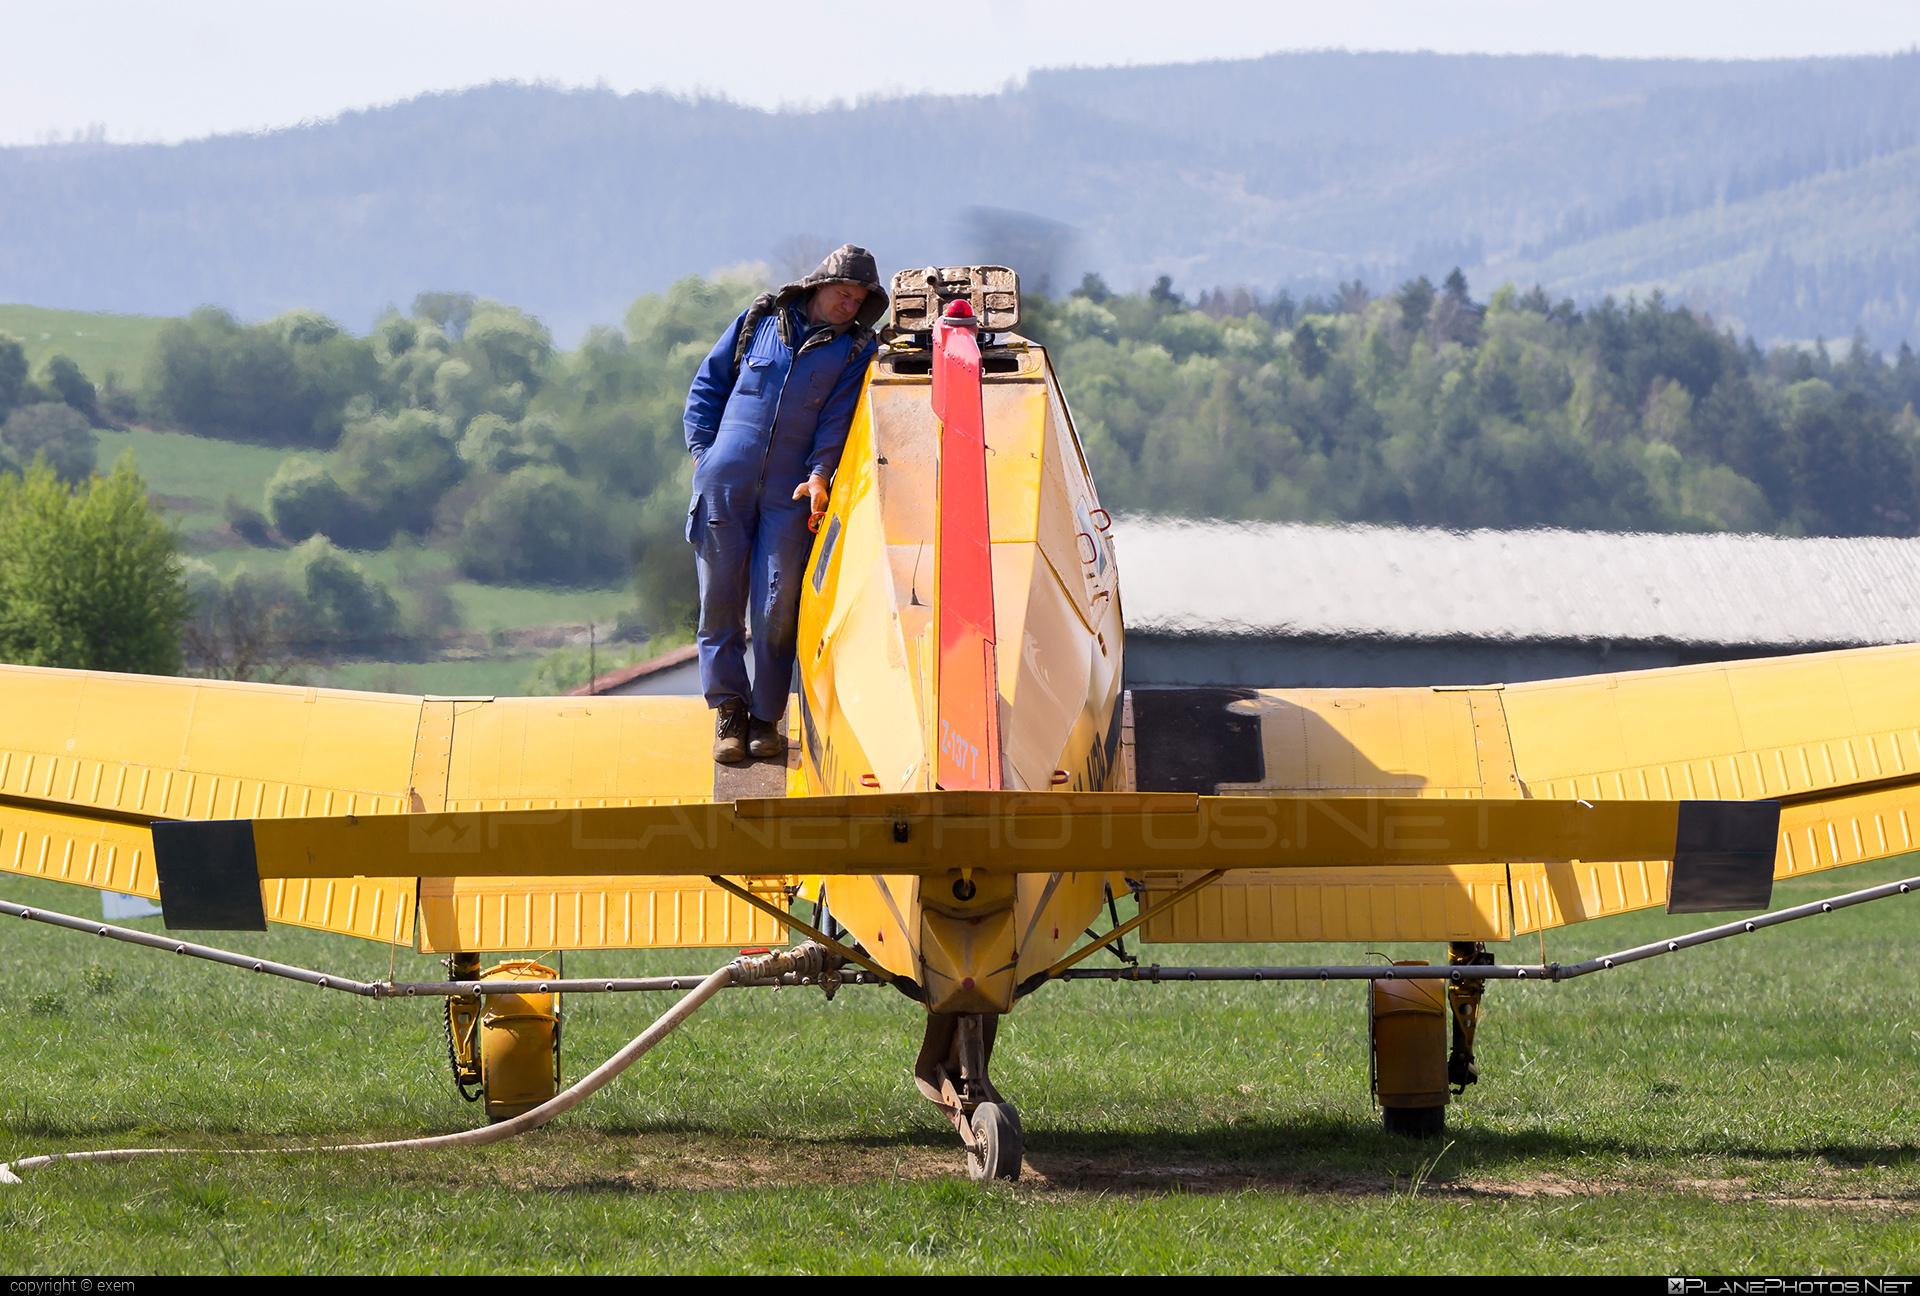 Zlin Z-137T Agro Turbo - OM-NRP operated by AERO SLOVAKIA #aeroslovakia #agroturbo #z137t #zlin #zlin137agroturbo #zlin137t